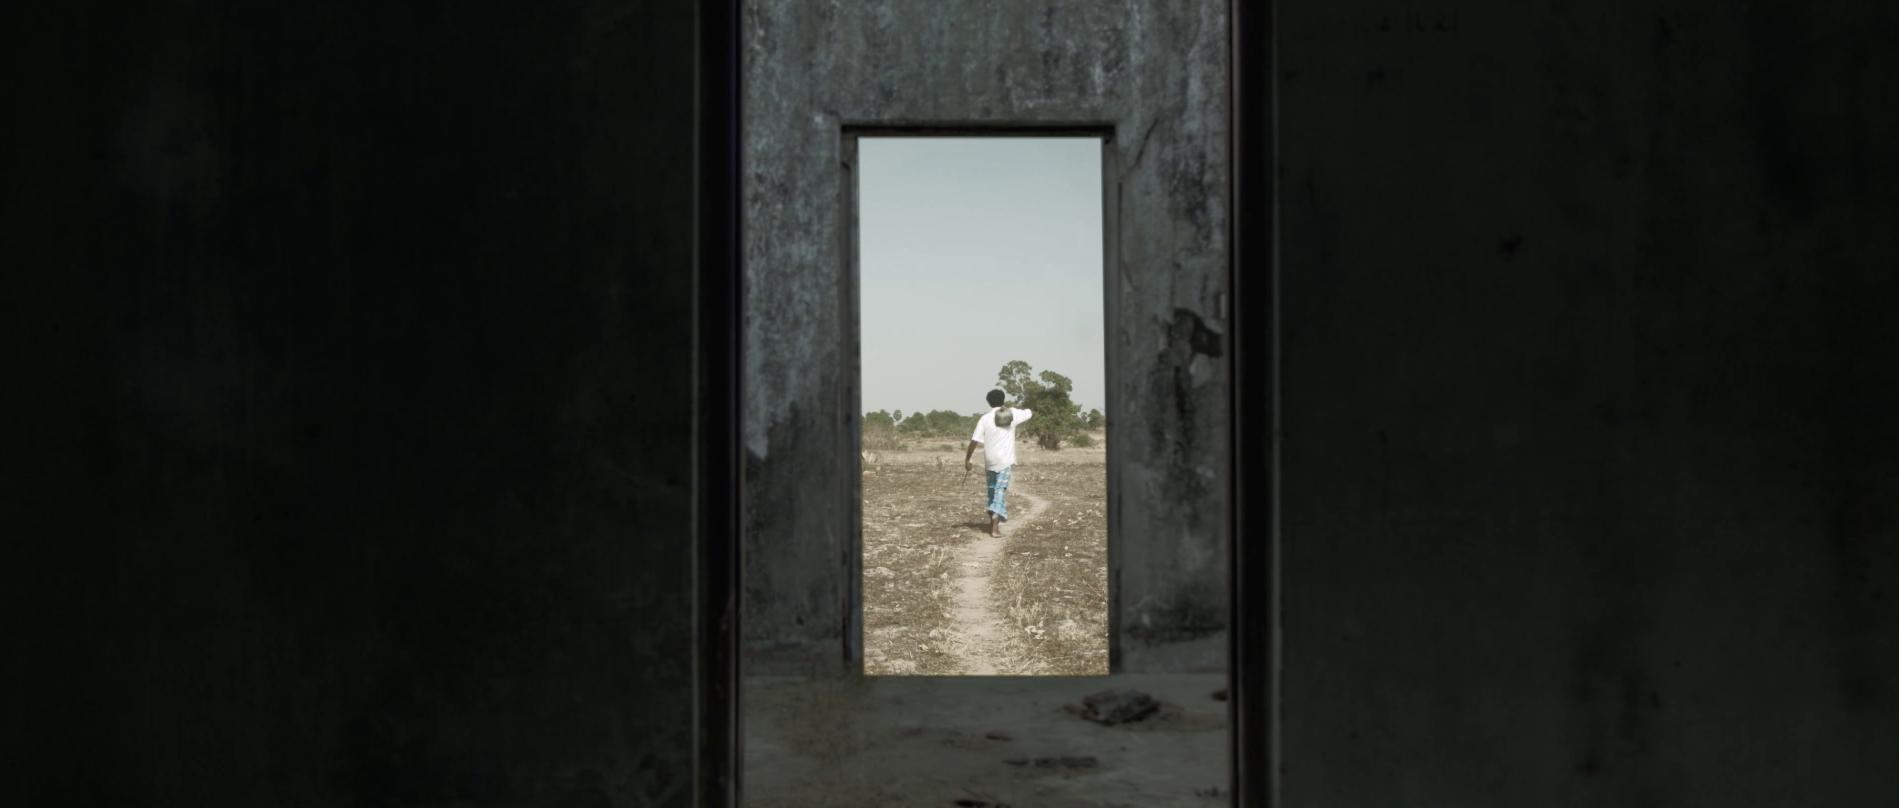 The Joyous Farmer - by Hiran Balasuriya